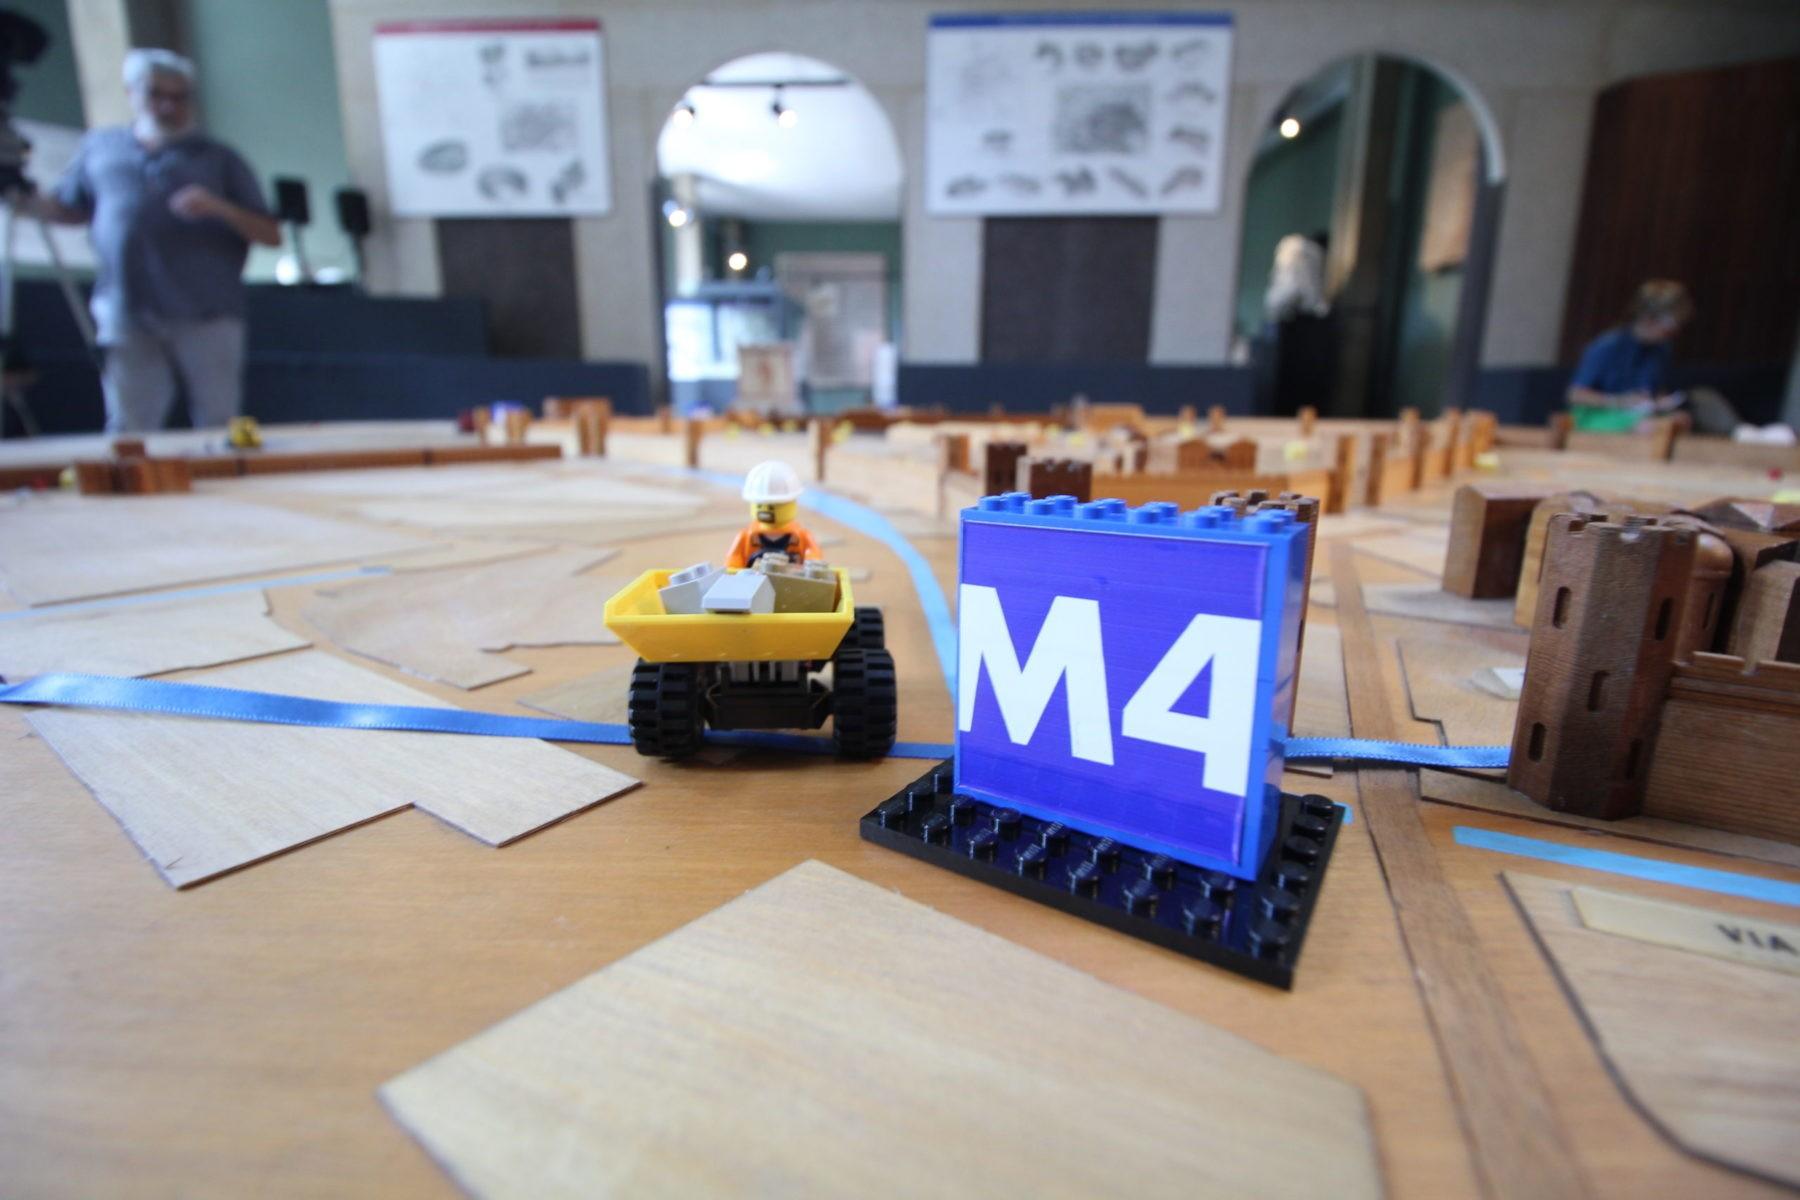 La linea M4 sul plastico del museo archeologico di Milano